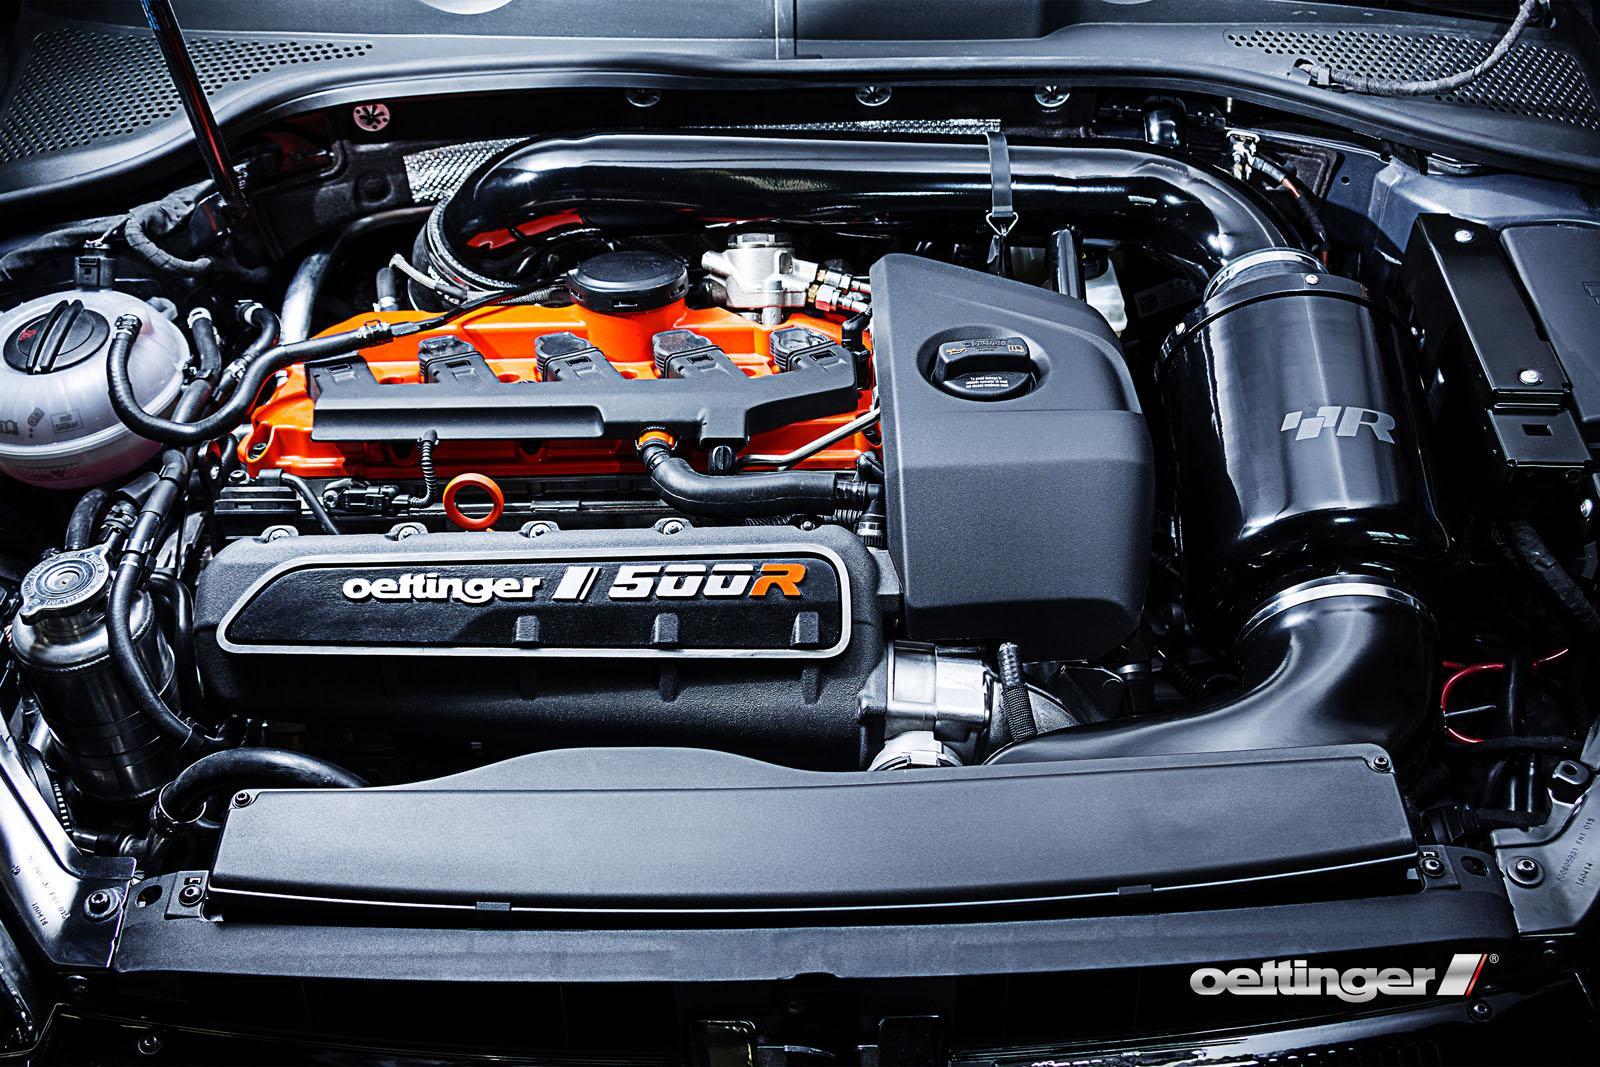 Volkswagen Golf R500 por Oettinger: 500 CV, por si 400 no eran suficientes 6